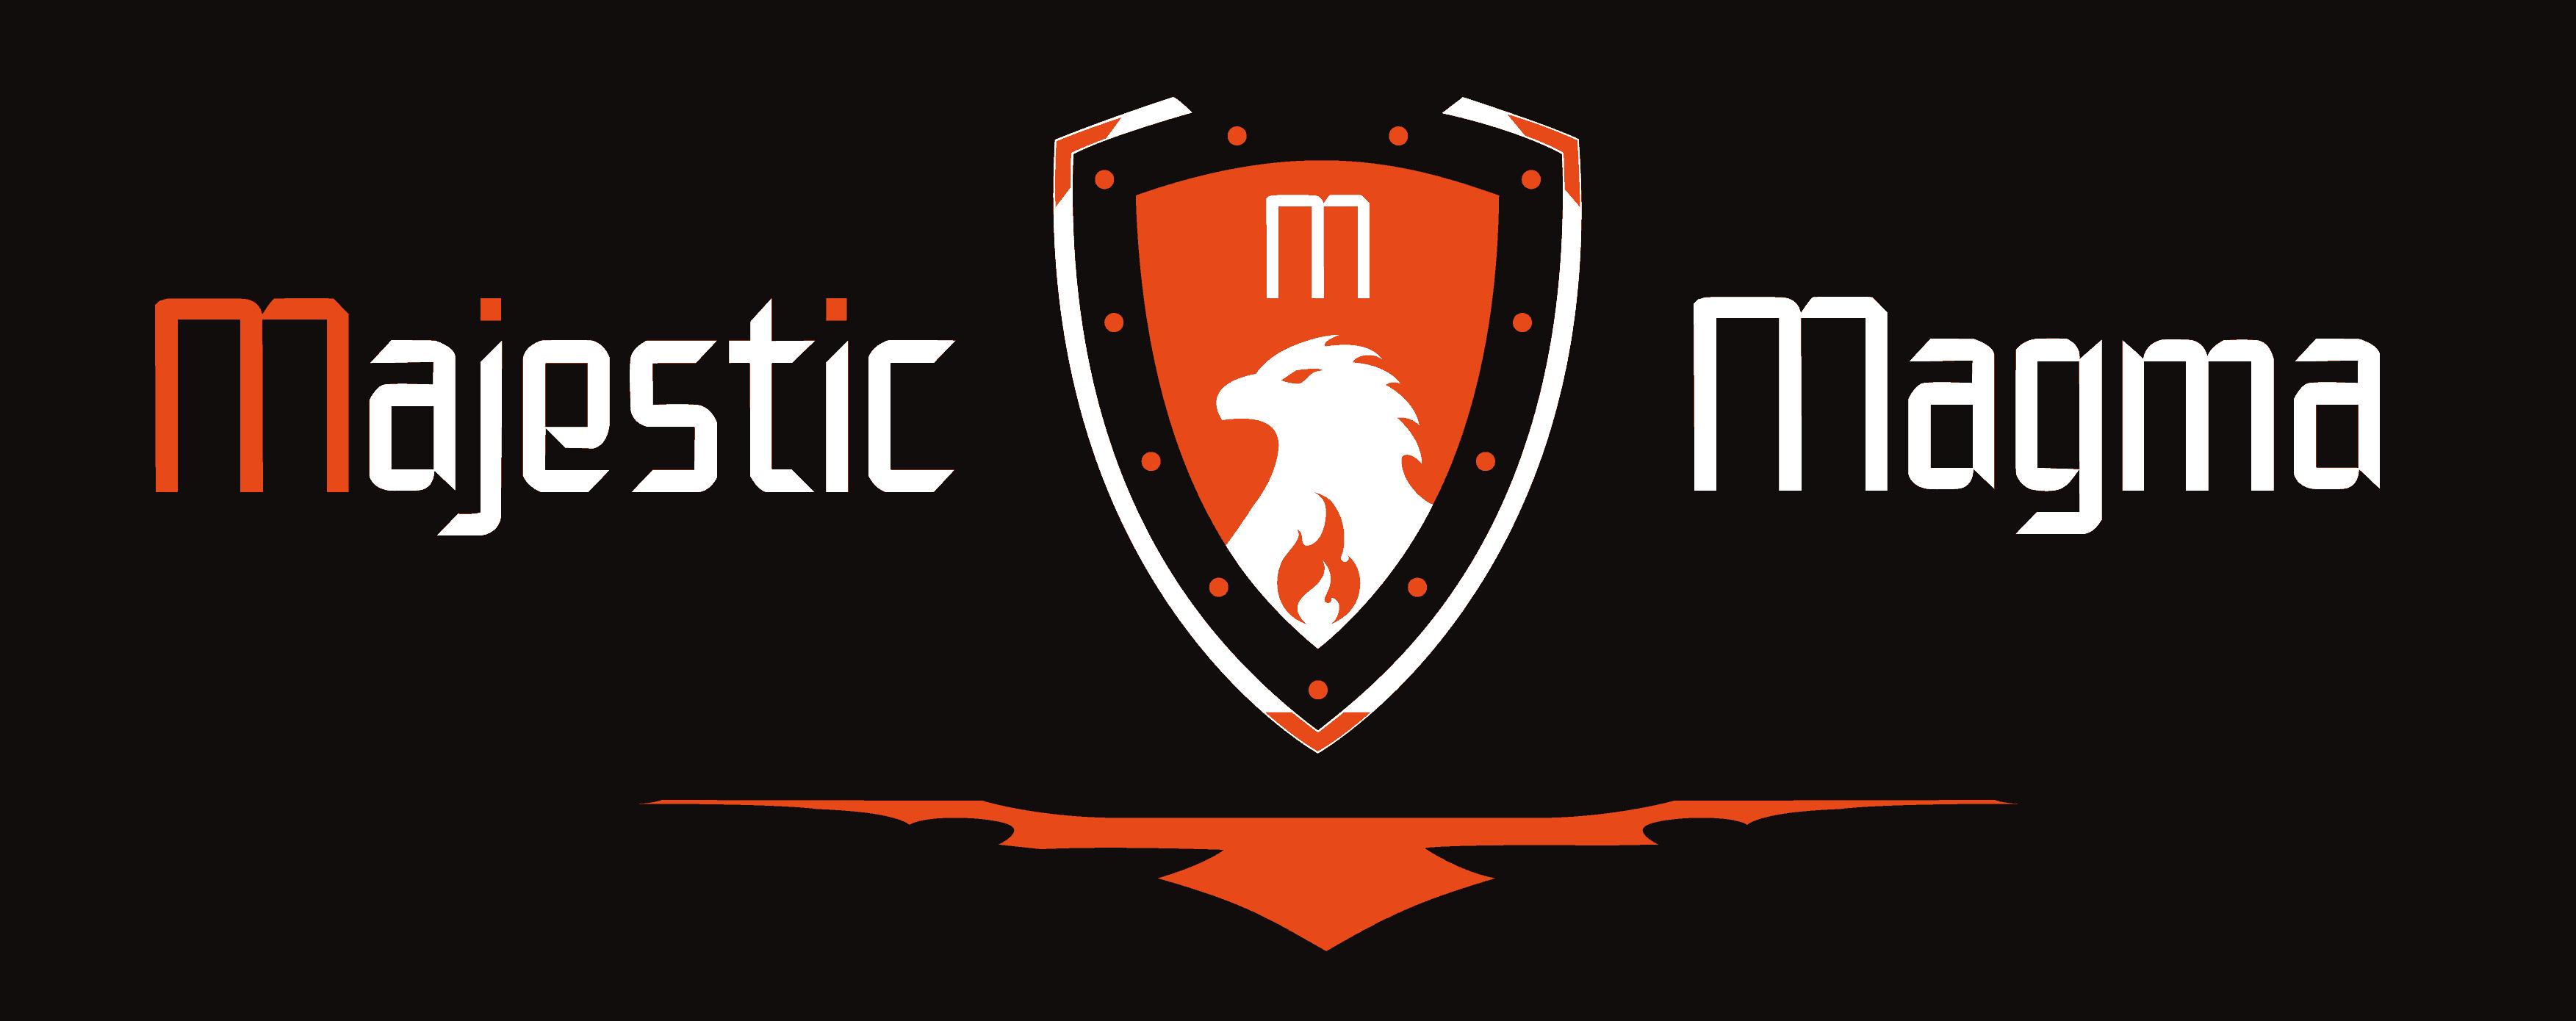 Majestic Magma